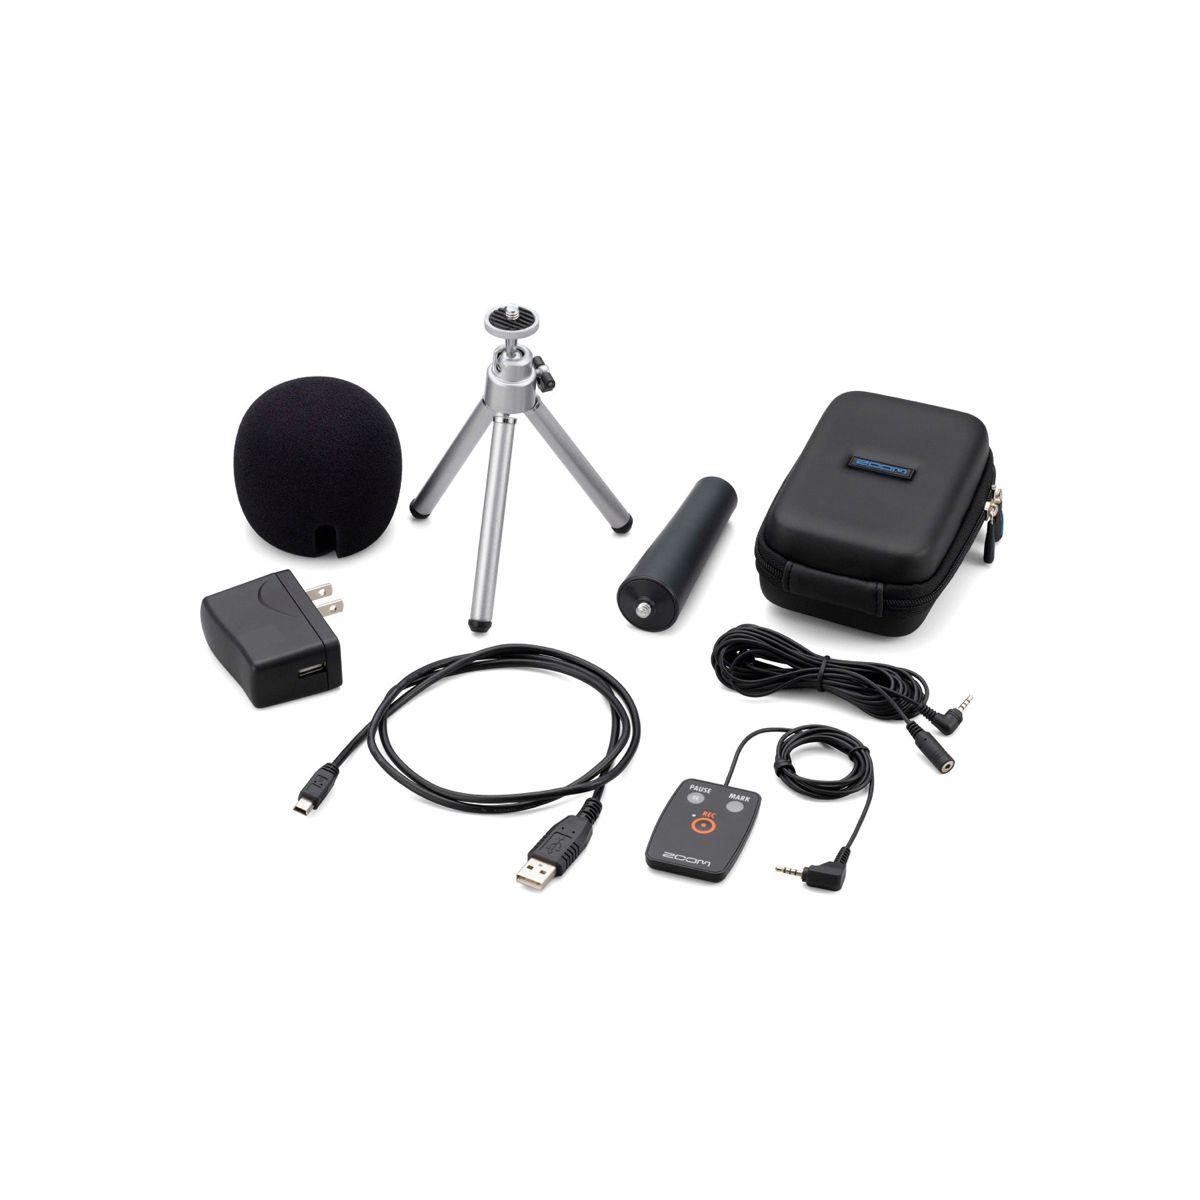 Kit d'accessoires ZOOM APH-2n - Pack d'accessoires pour H2n (photo)